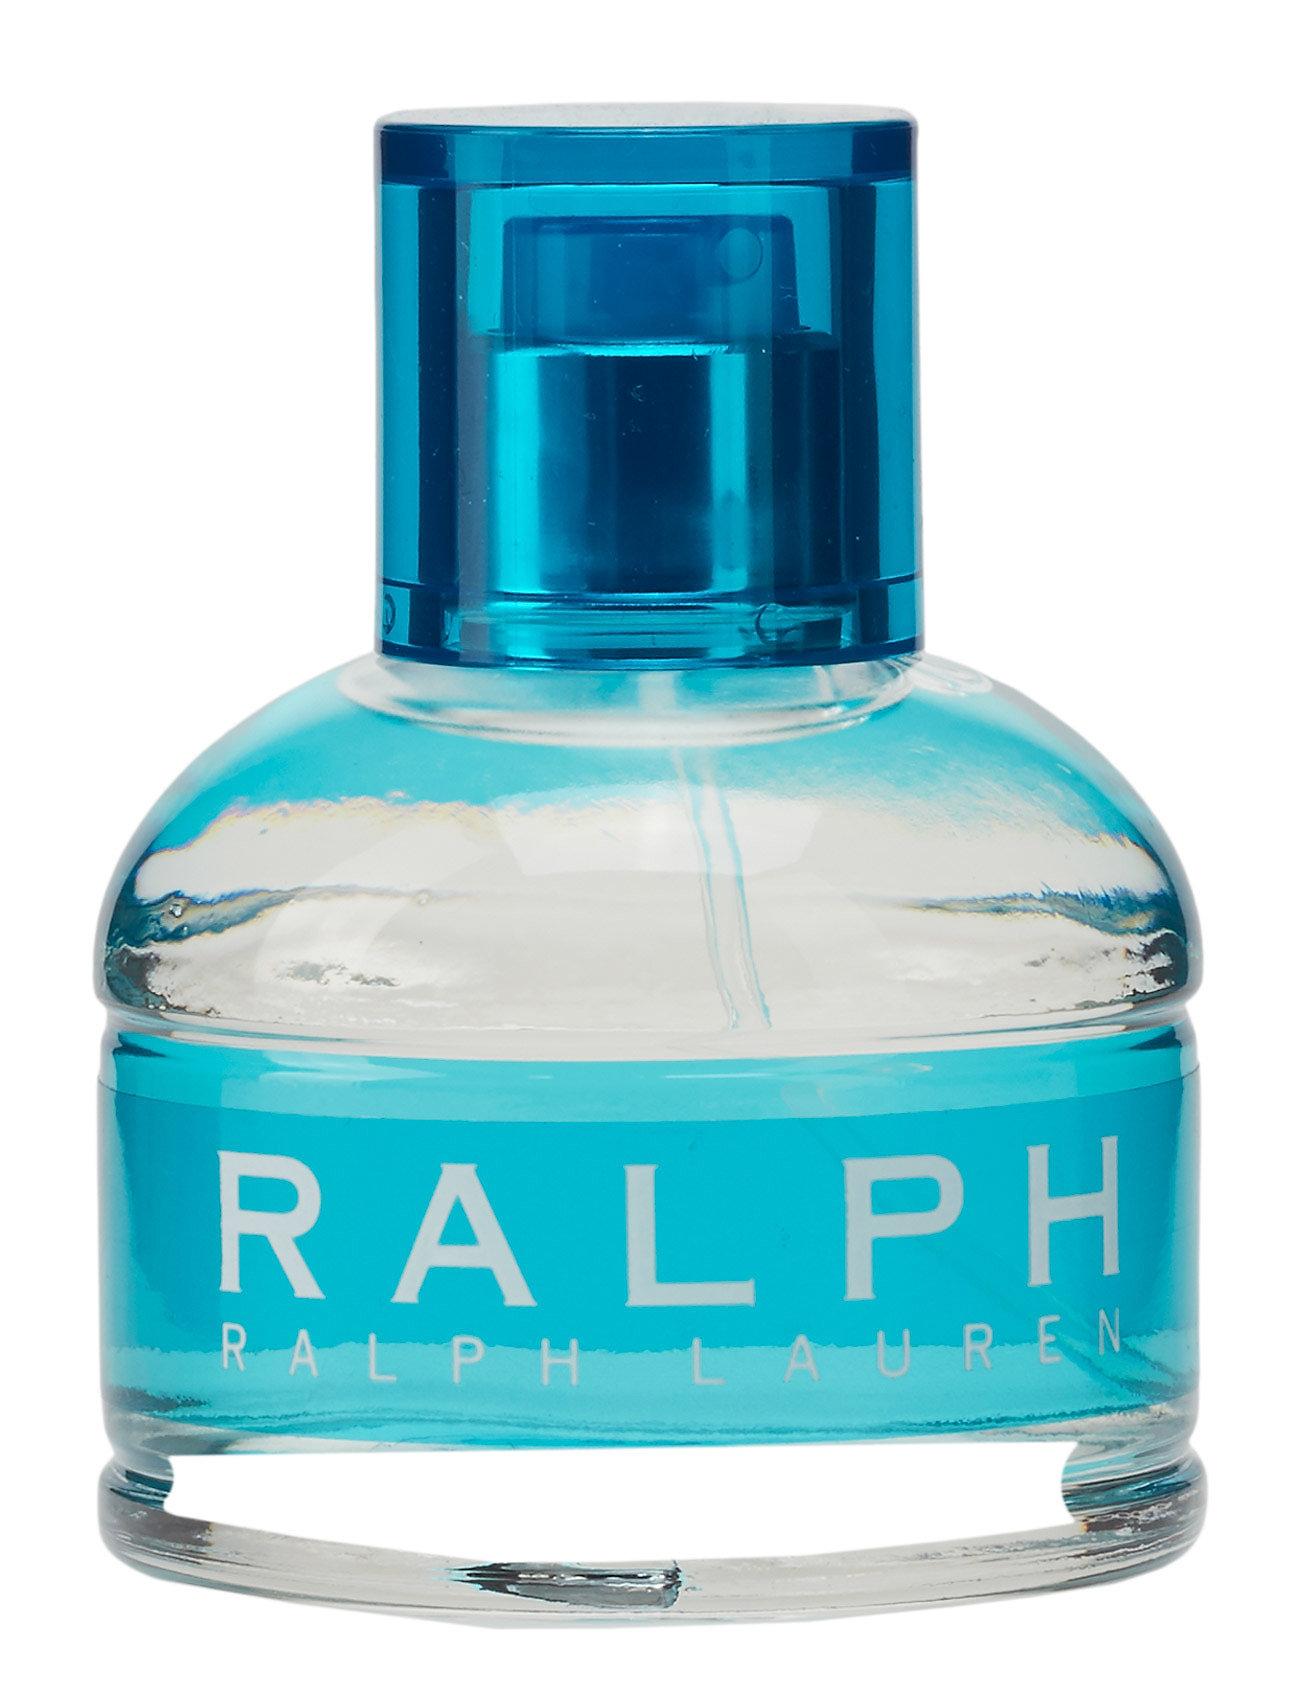 ralph lauren – Ralph eau de toilette 50 ml fra boozt.com dk